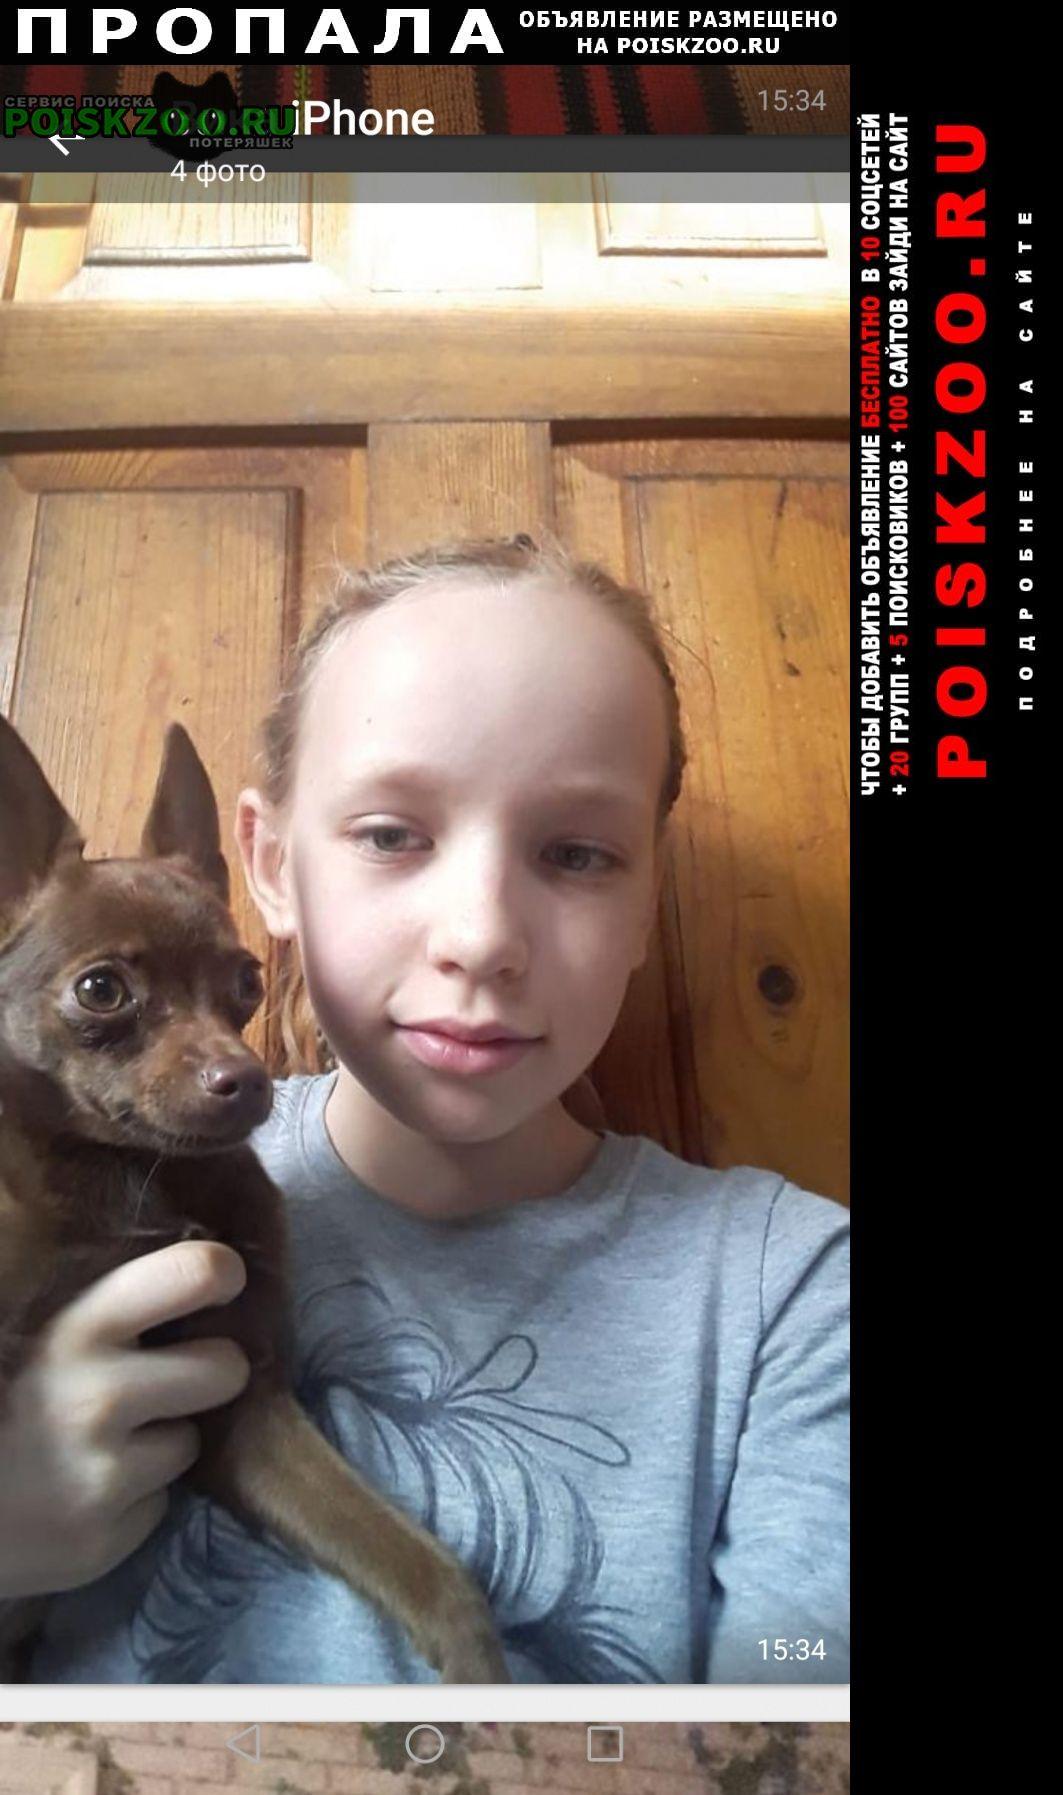 Пропала собака Оренбург